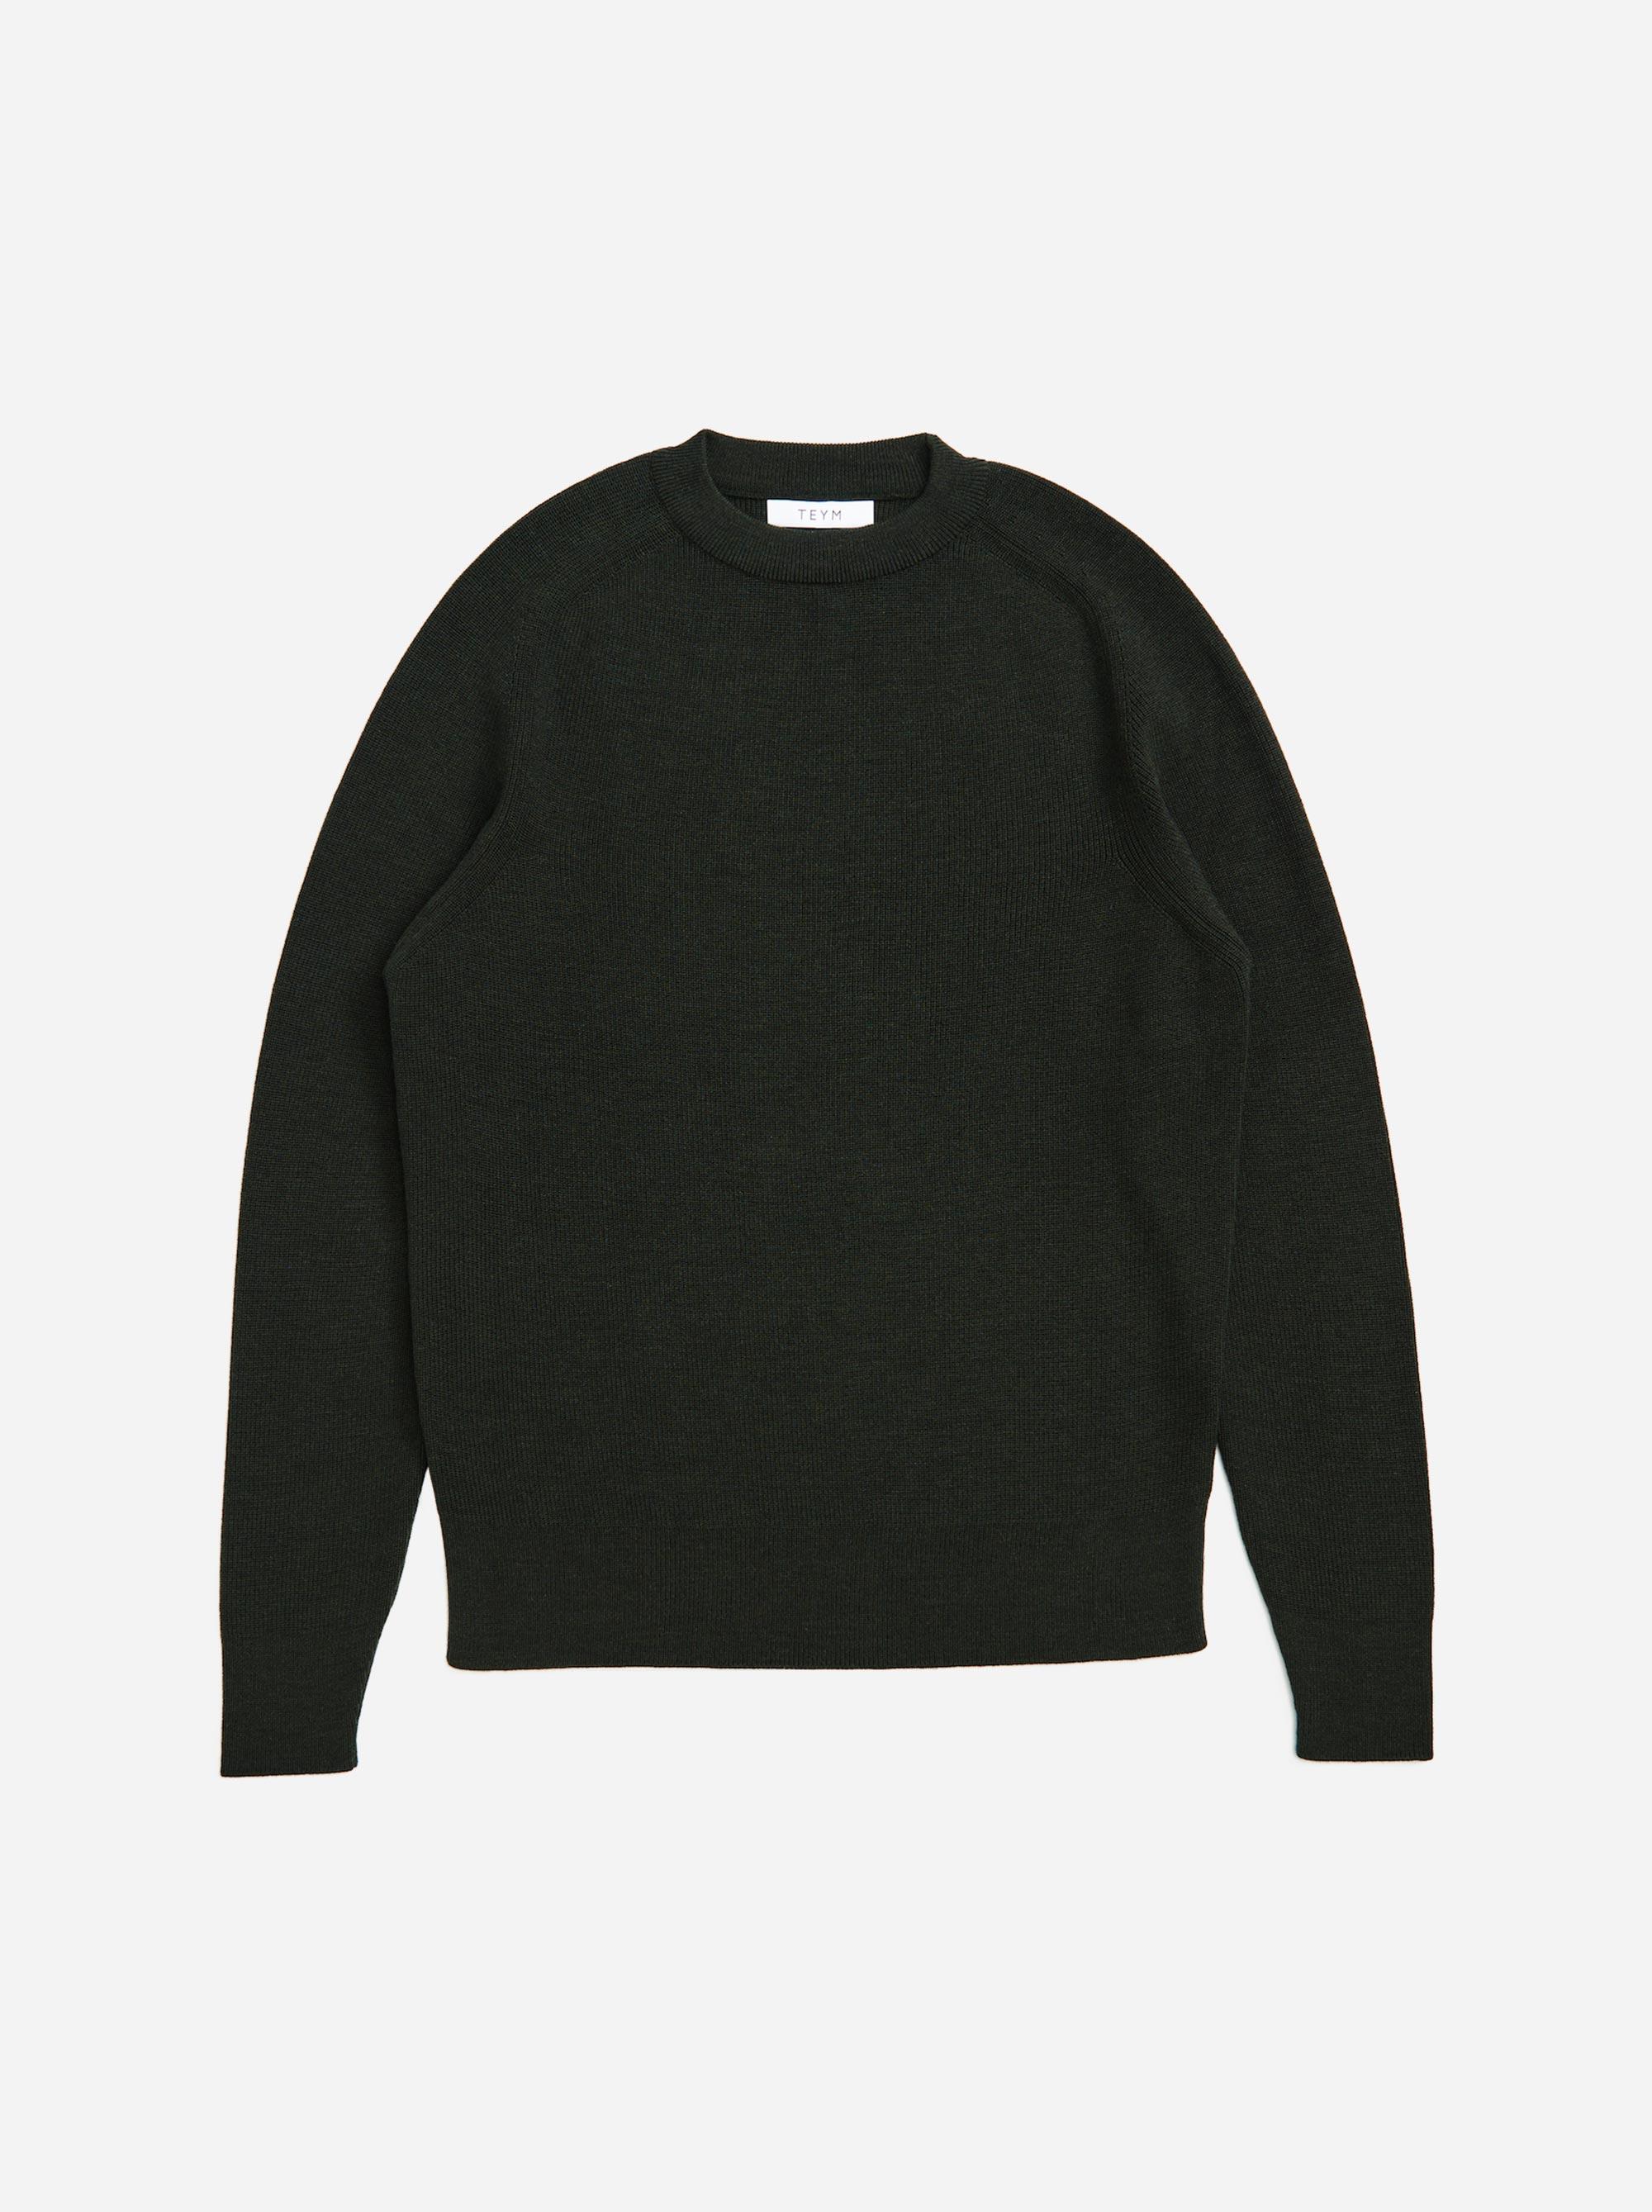 Teym - The Merino Sweater - Men - Green - 4